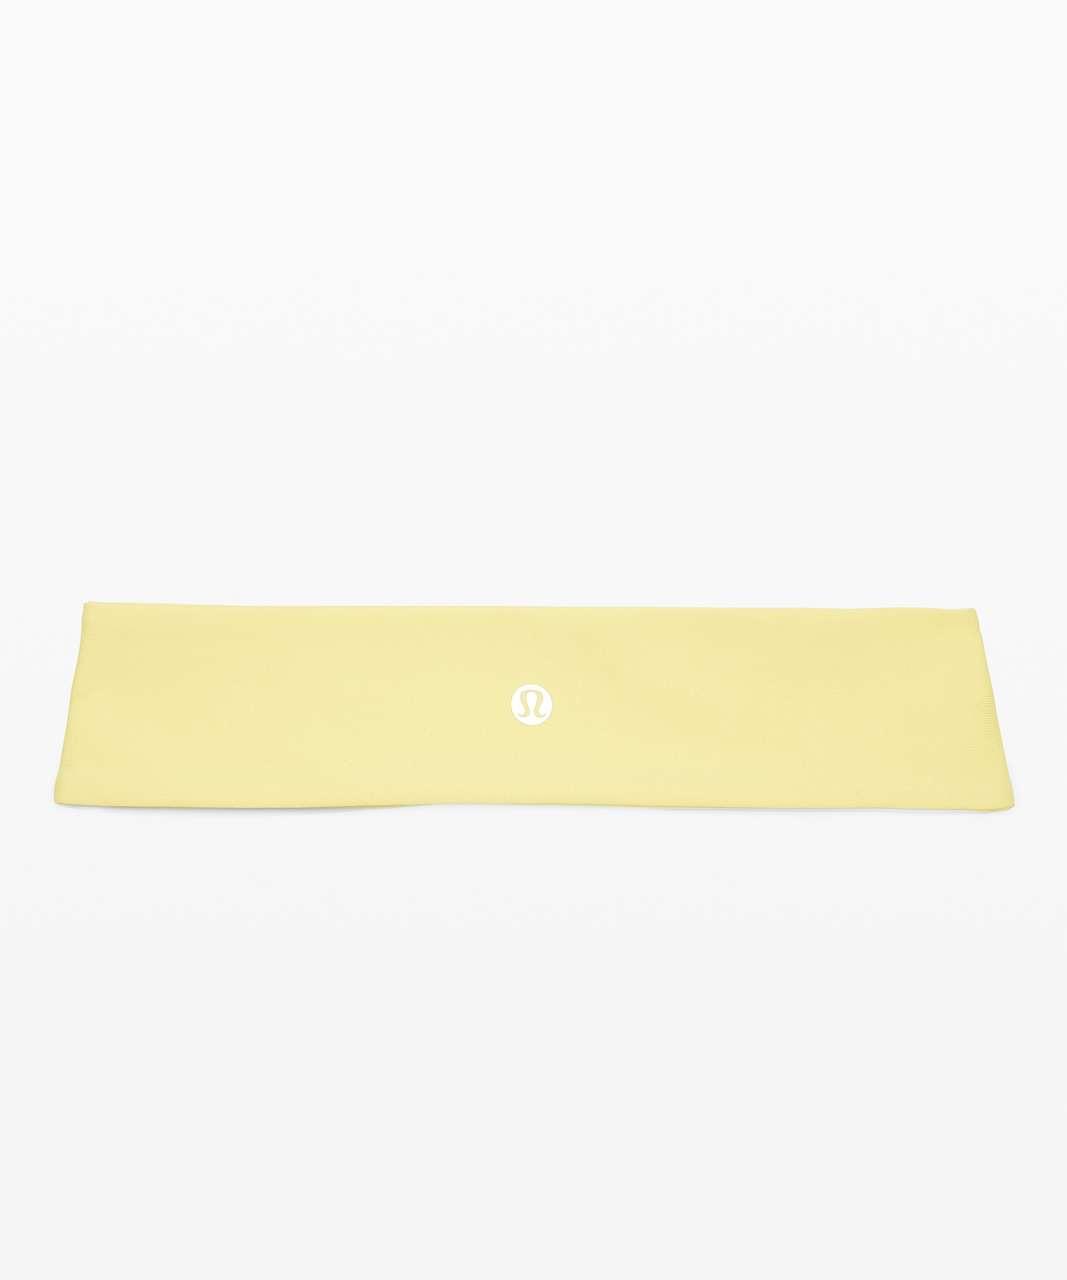 Lululemon Fly Away Tamer Headband II *Luxtreme - Lemon Vibe